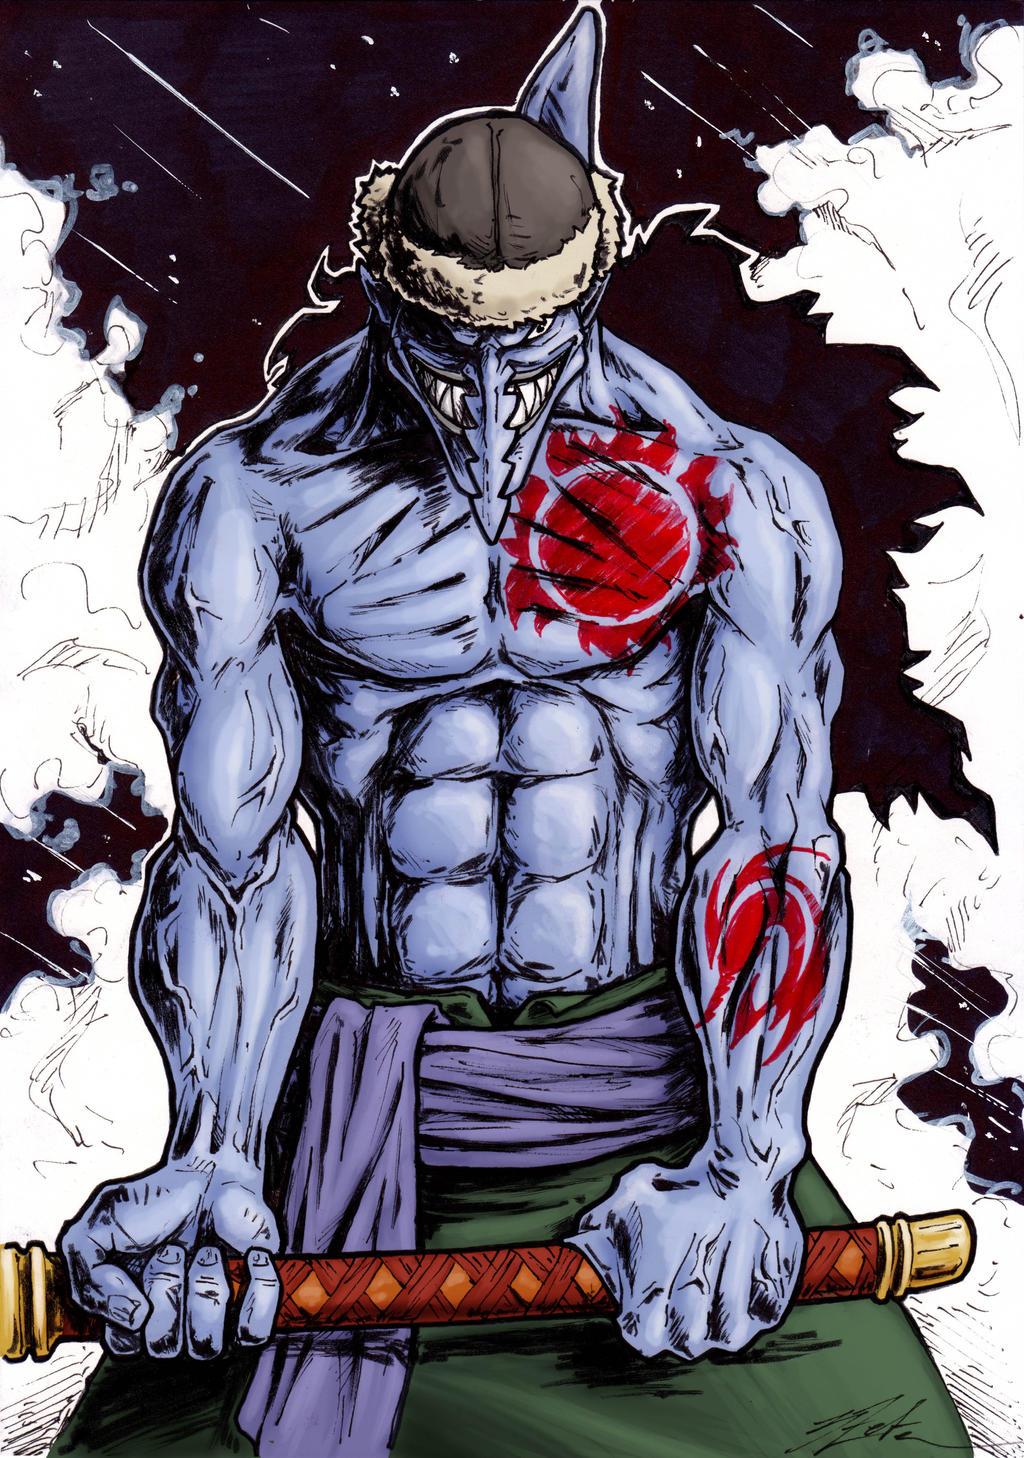 Sehr Arlong - One Piece fanart by 3Zeta on DeviantArt ZT01